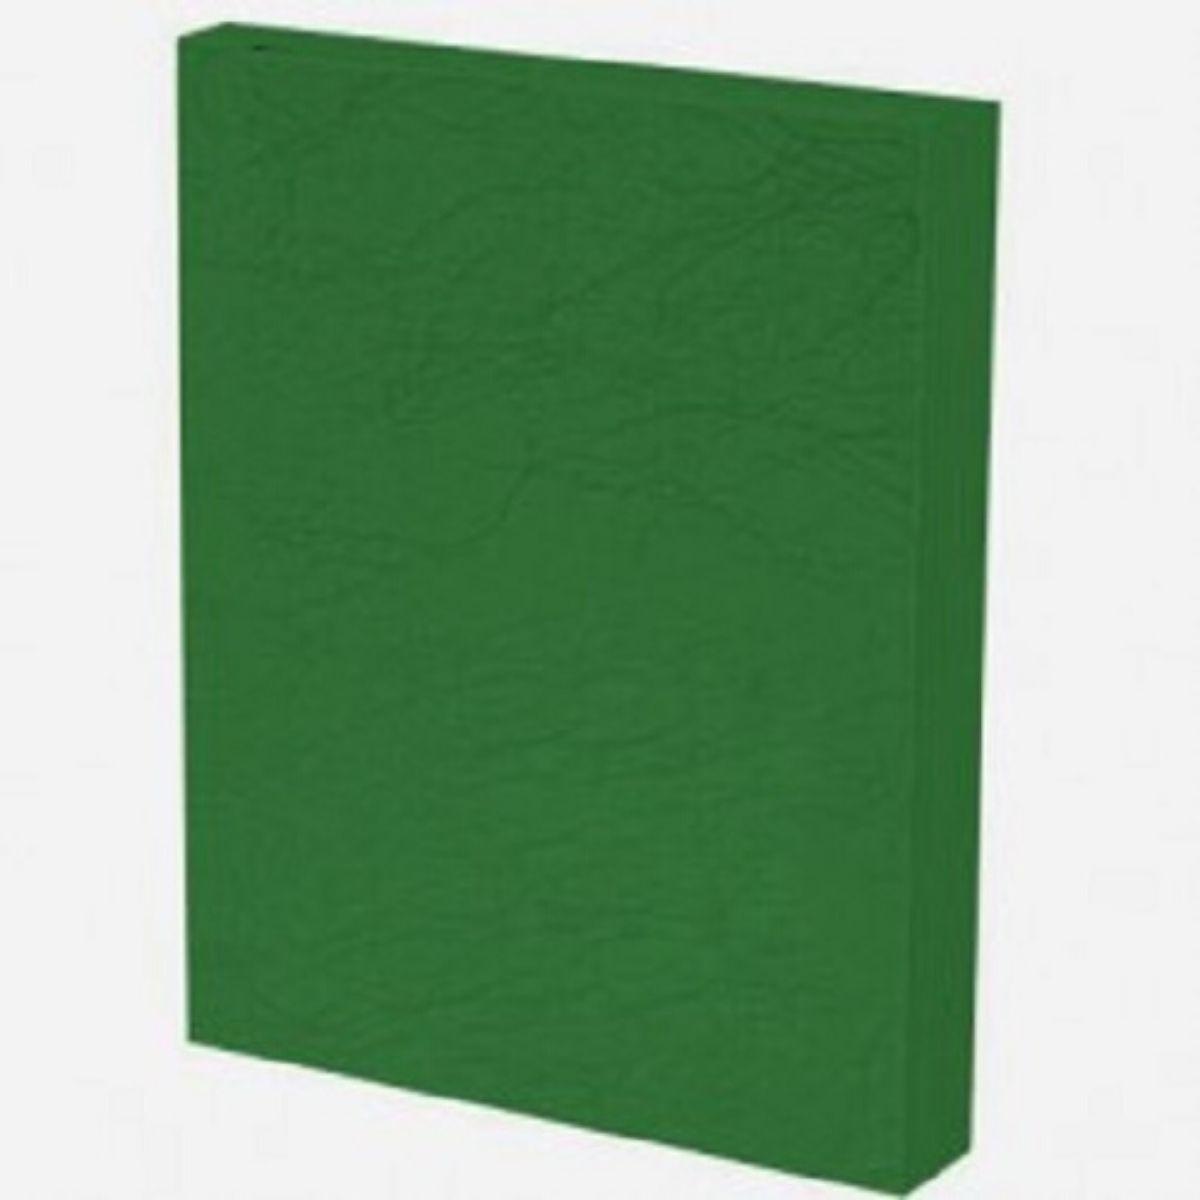 Kit 500 Capas para Encadernação PP 0,30mm A4 Verde Couro (Fundo)  - Click Suprimentos